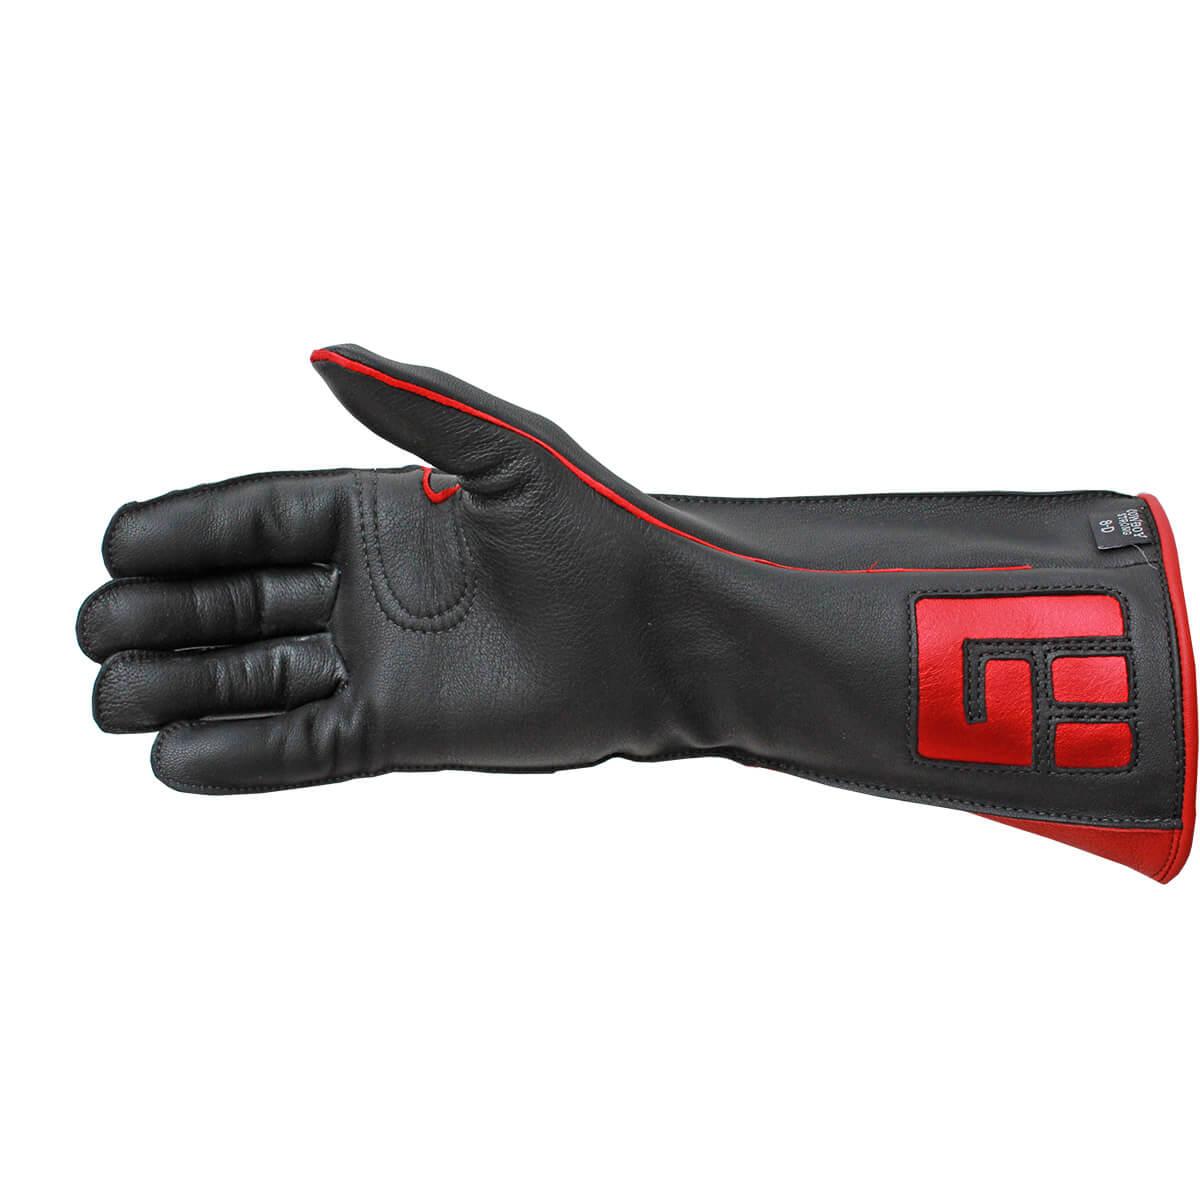 Luva De Montaria Guilherme Marchi Mão Esquerda Preta Logo Vermelho